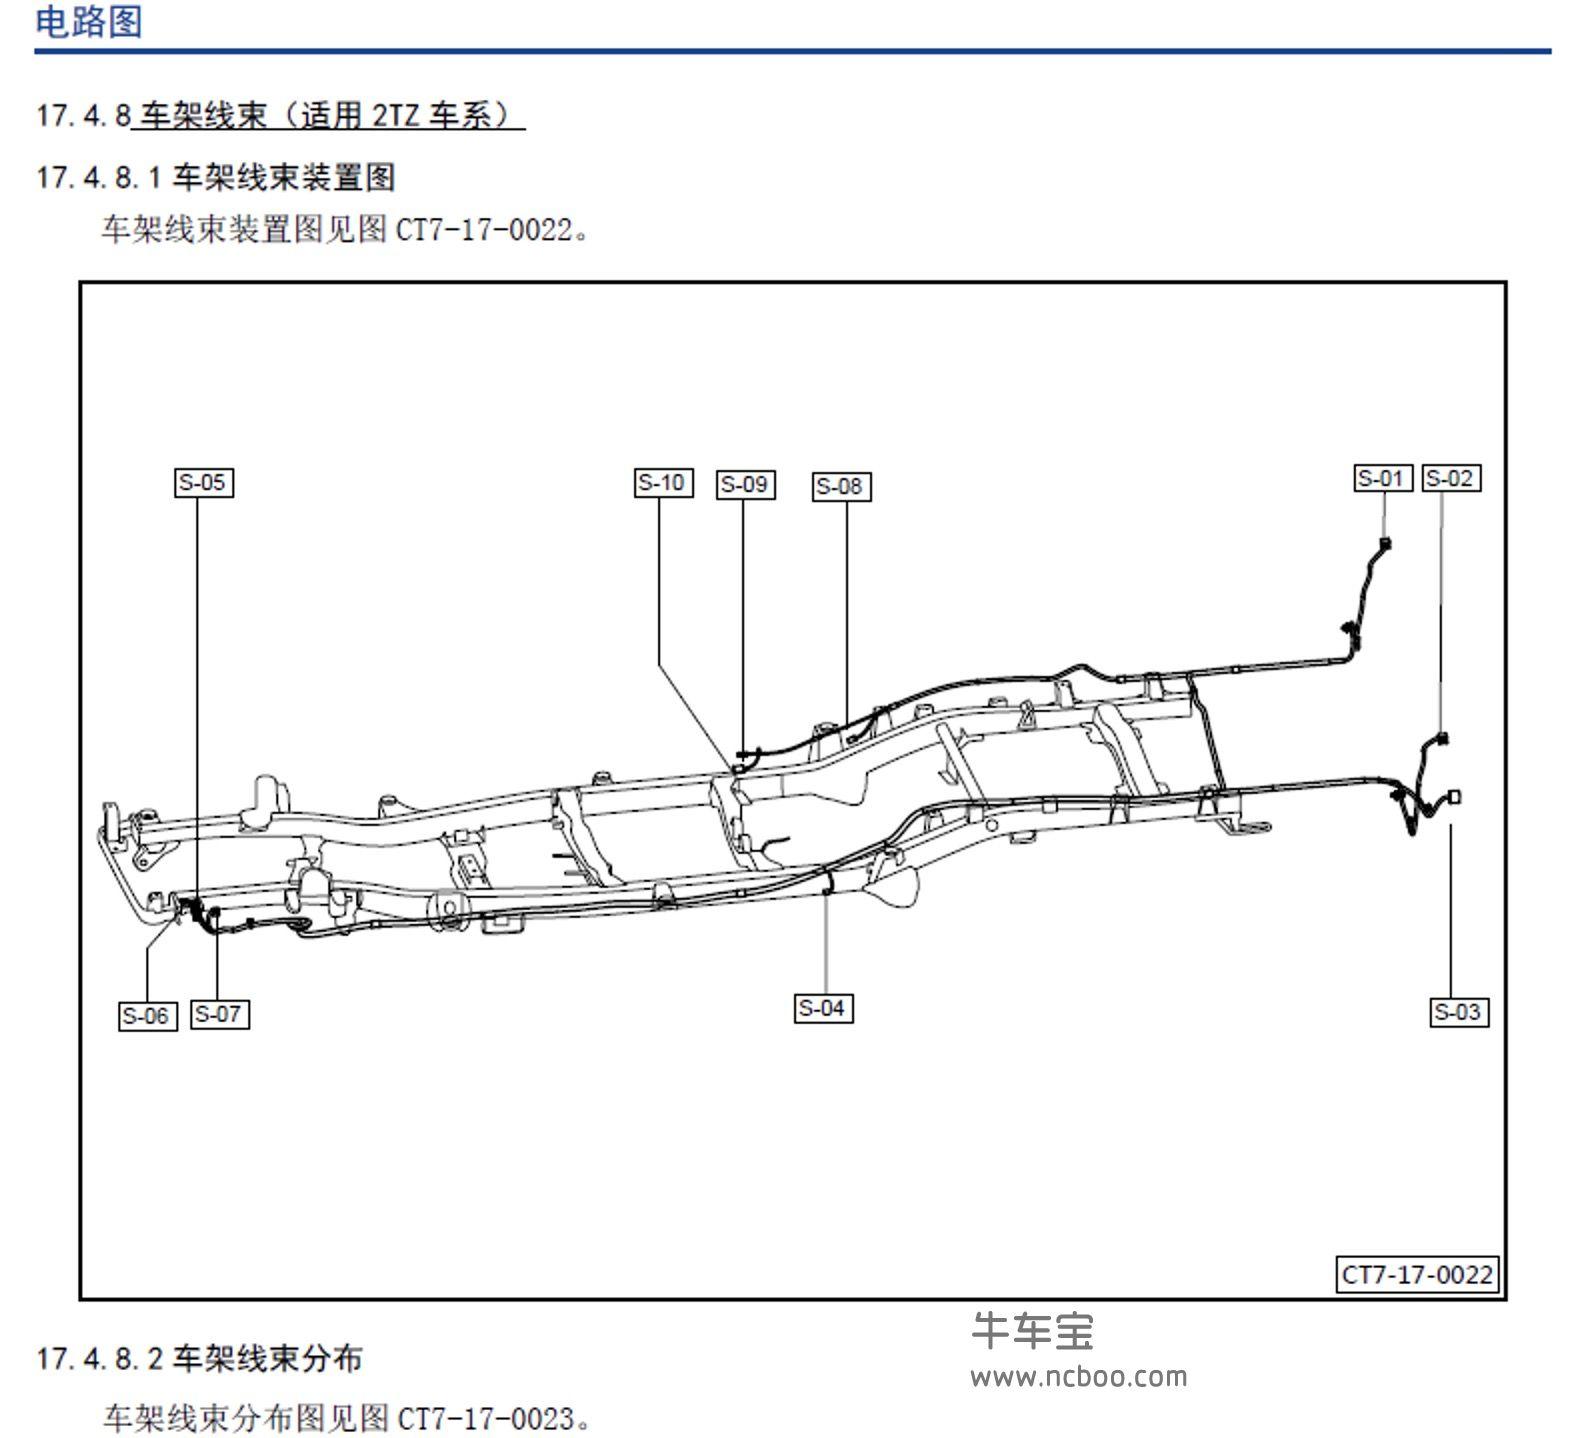 2017-2018款猎豹CT7汽油原厂维修手册和电路图下载